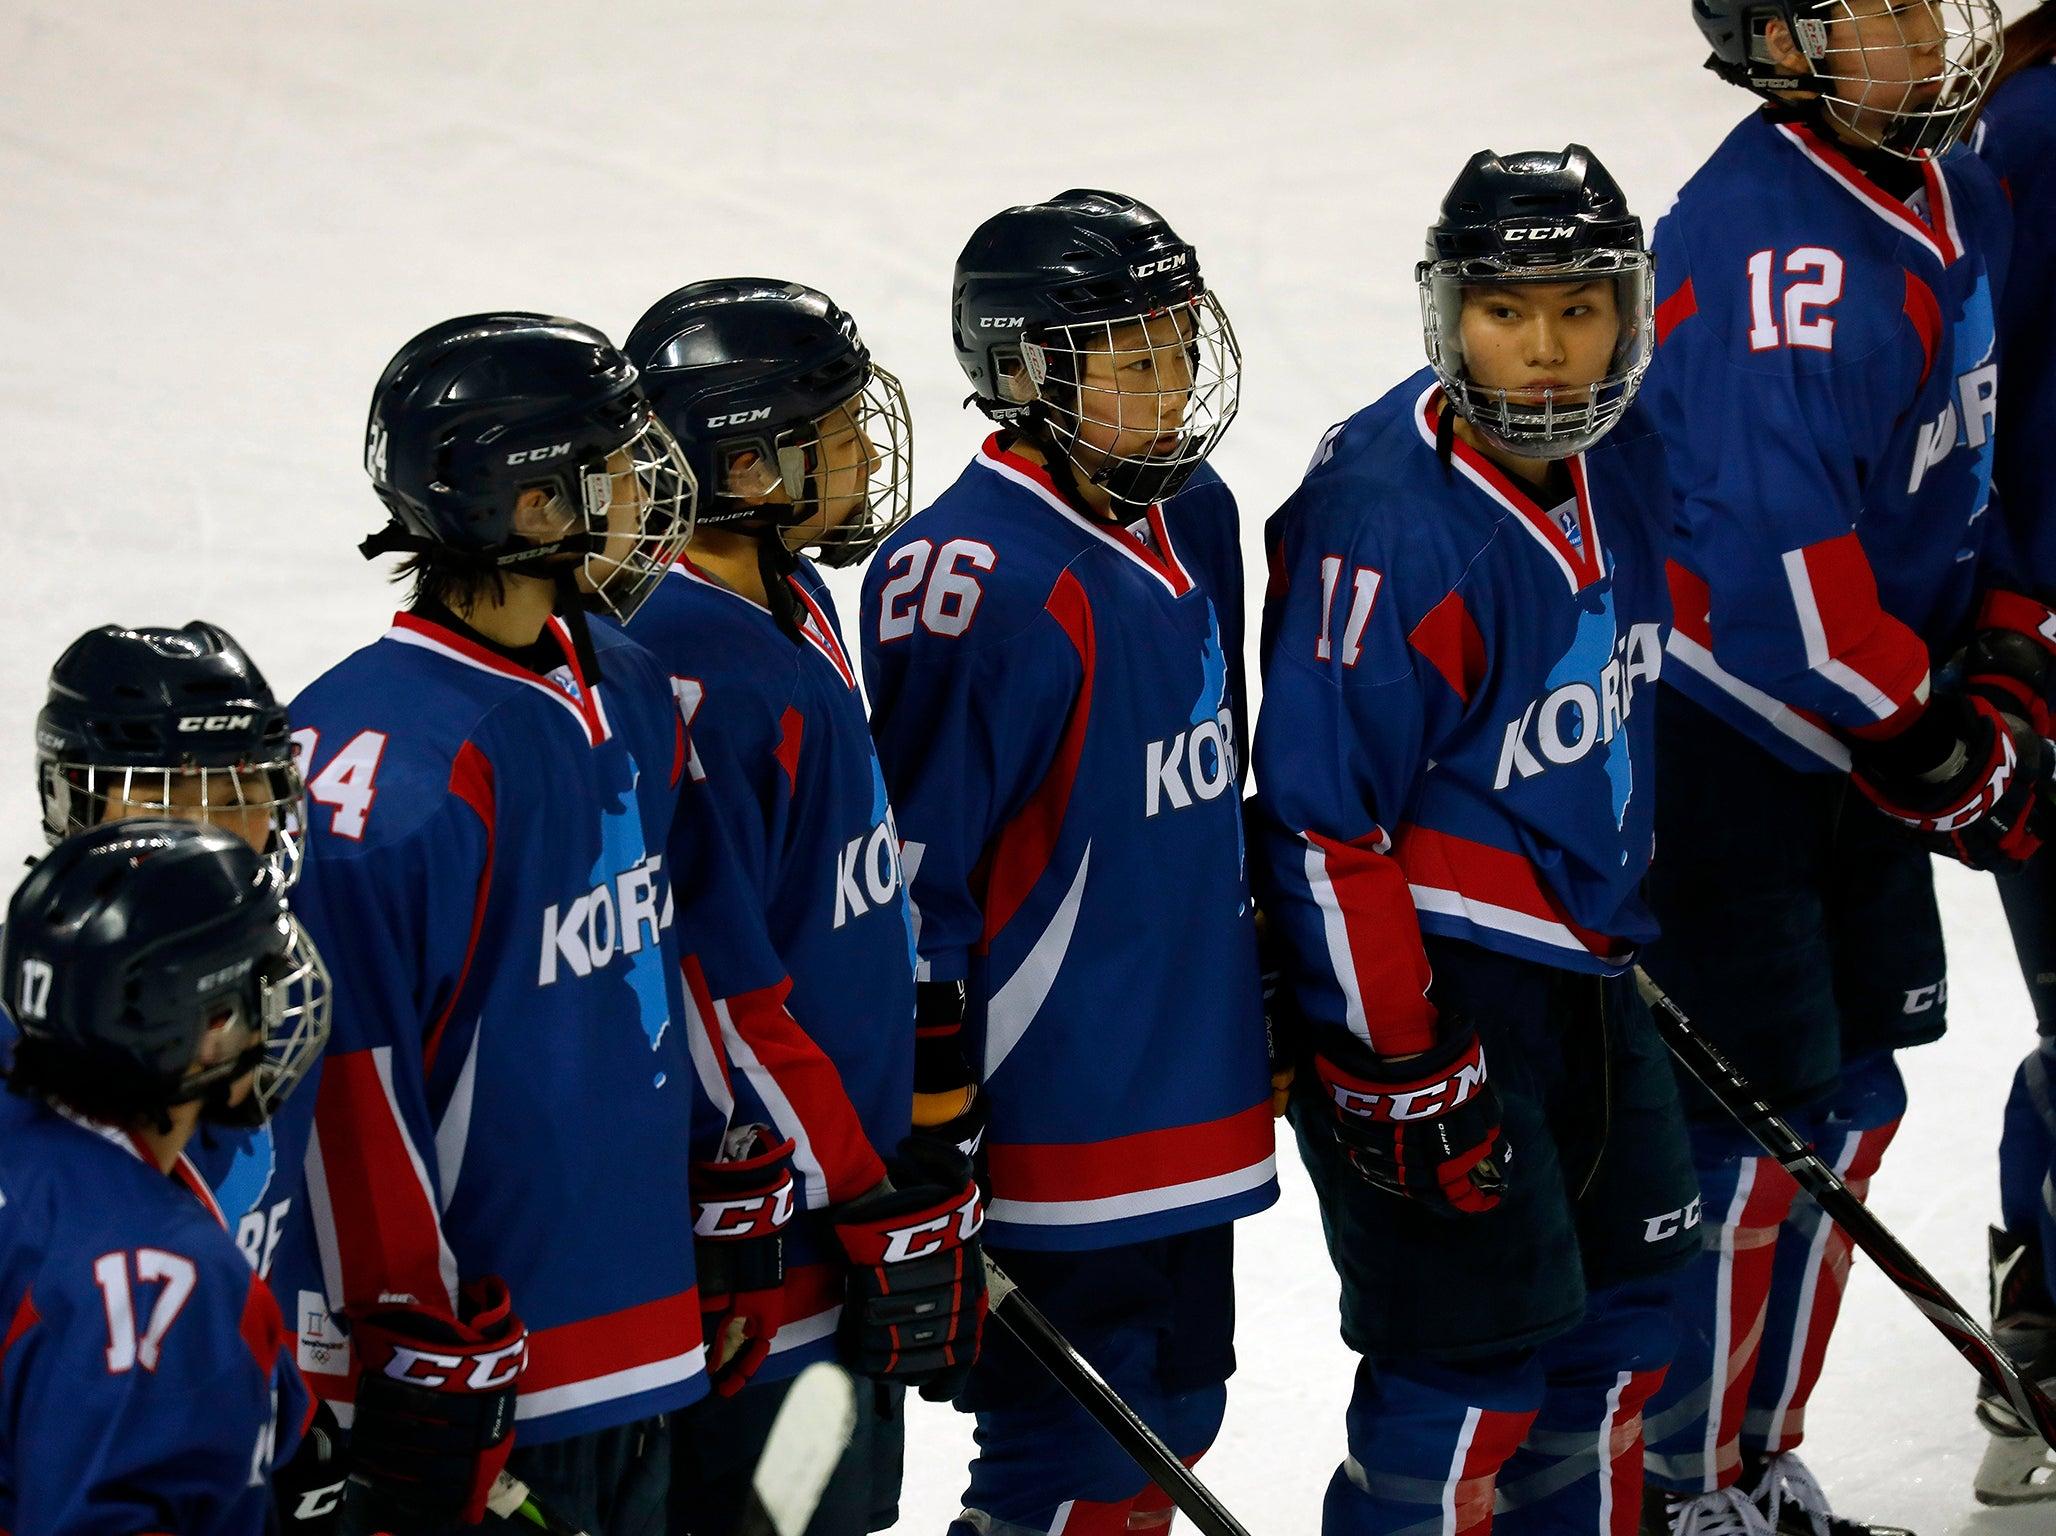 south koreas hockey team - HD2056×1536